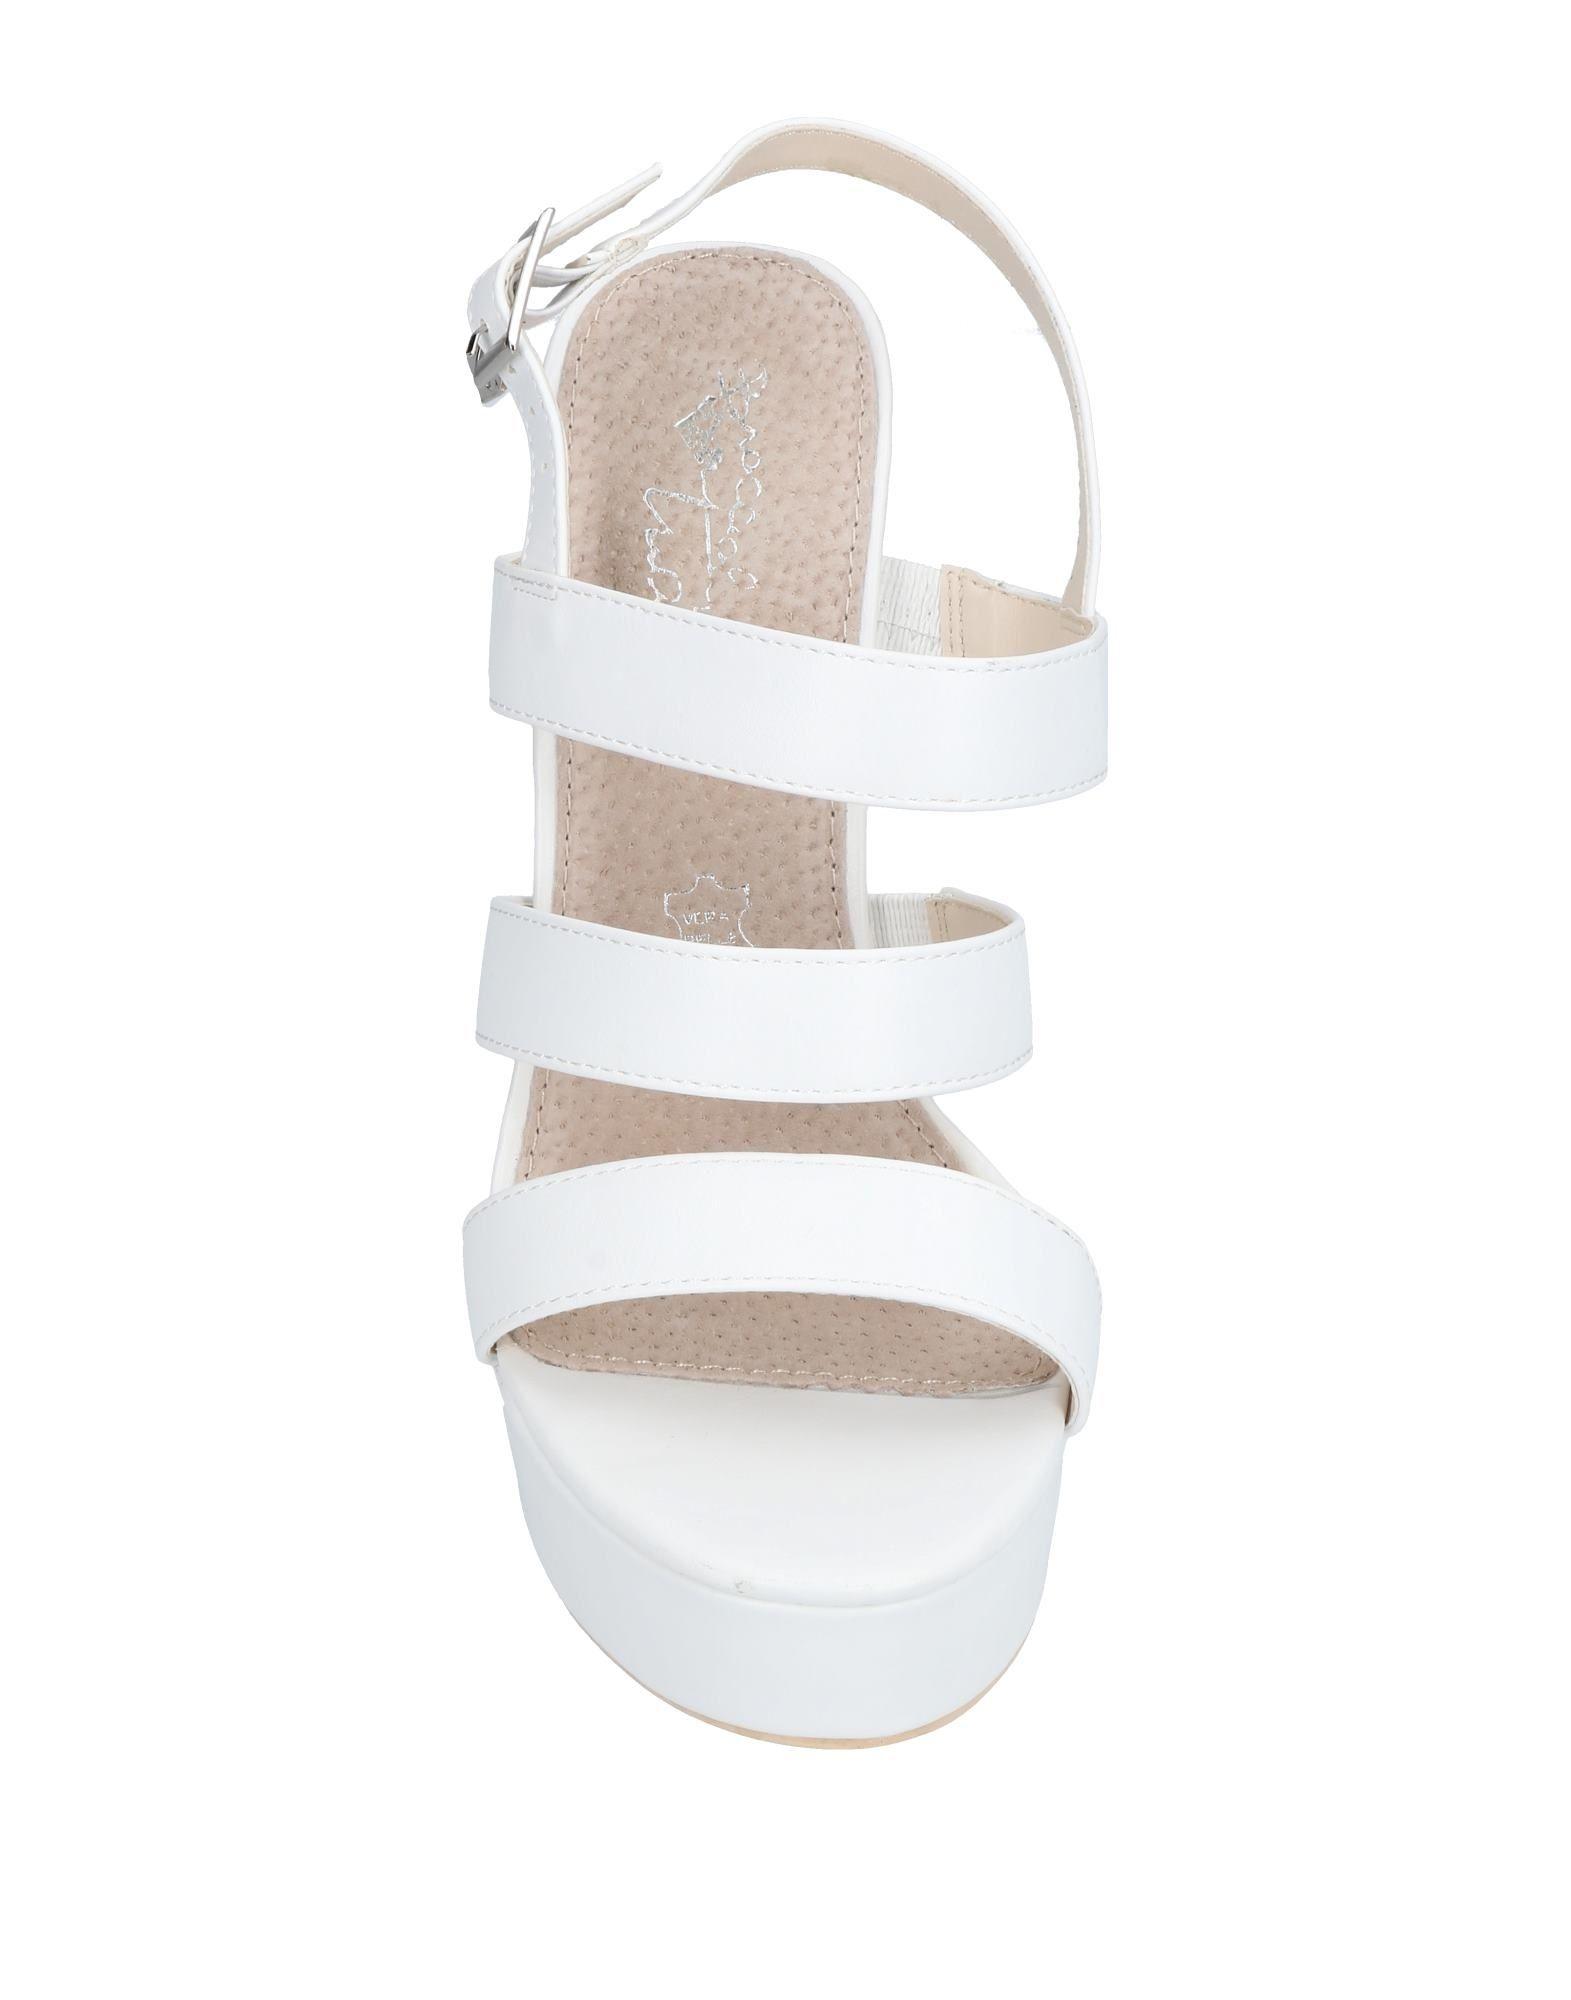 Sandales Tua By Braccialini Femme - Sandales Tua By Braccialini sur